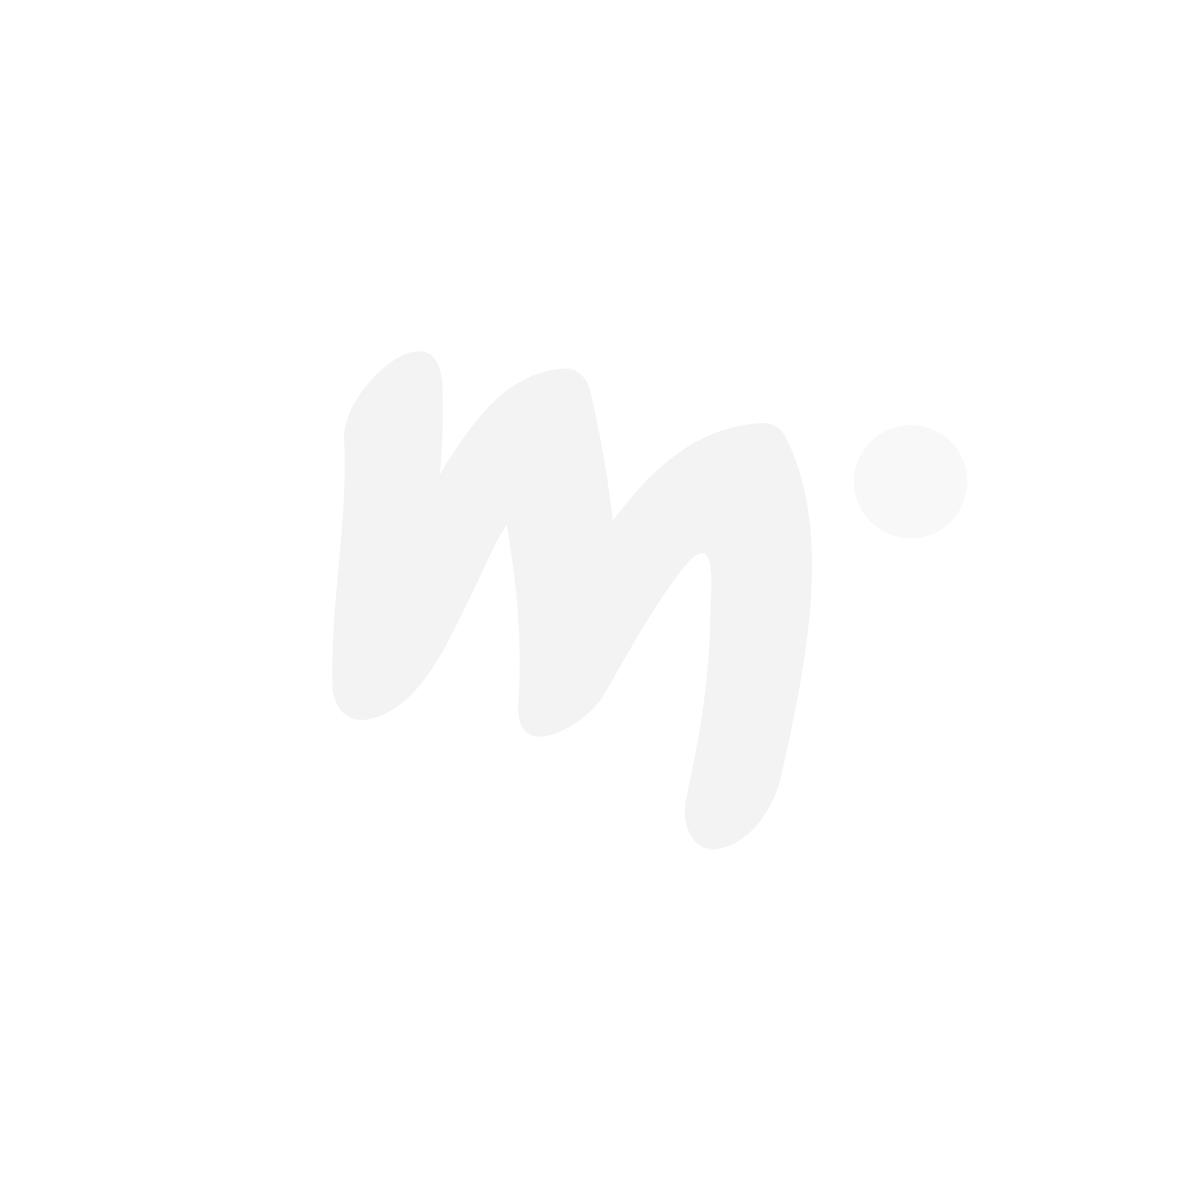 Muumi Kynänjälki-body luonnonvalkoinen